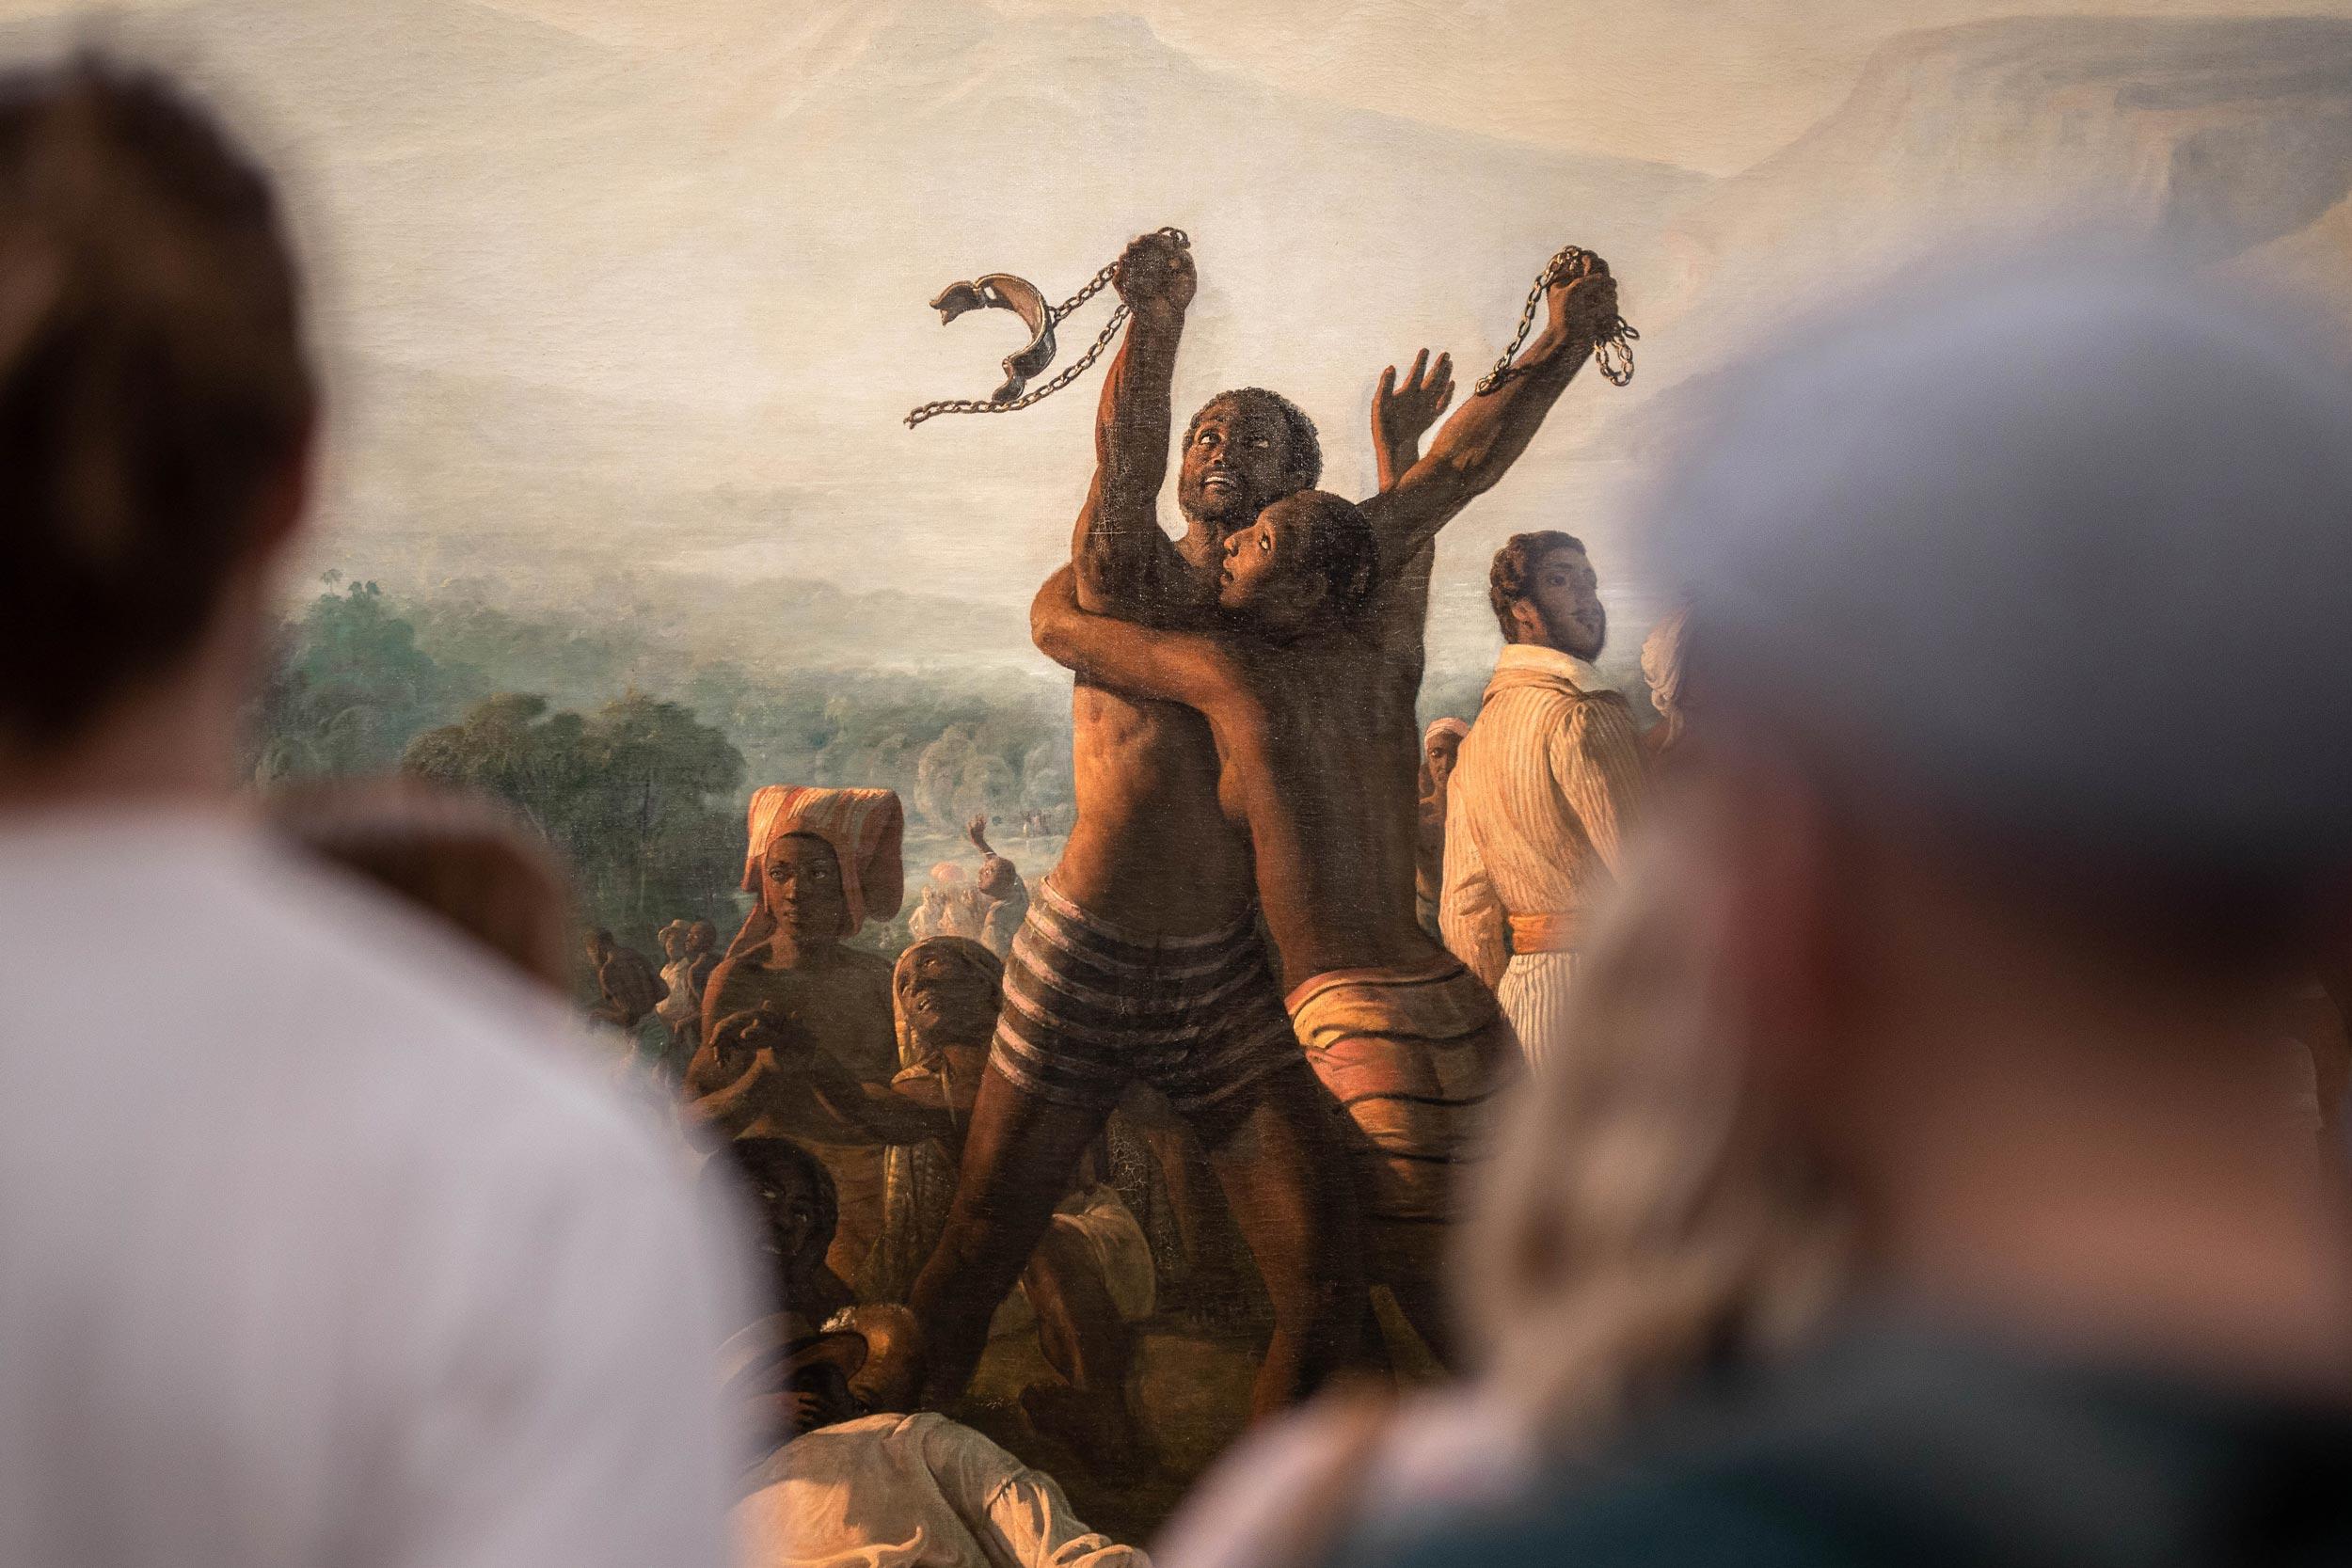 Tableau d'Auguste Biard : L'Abolition de l'esclavage dans les colonies françaises en 1848